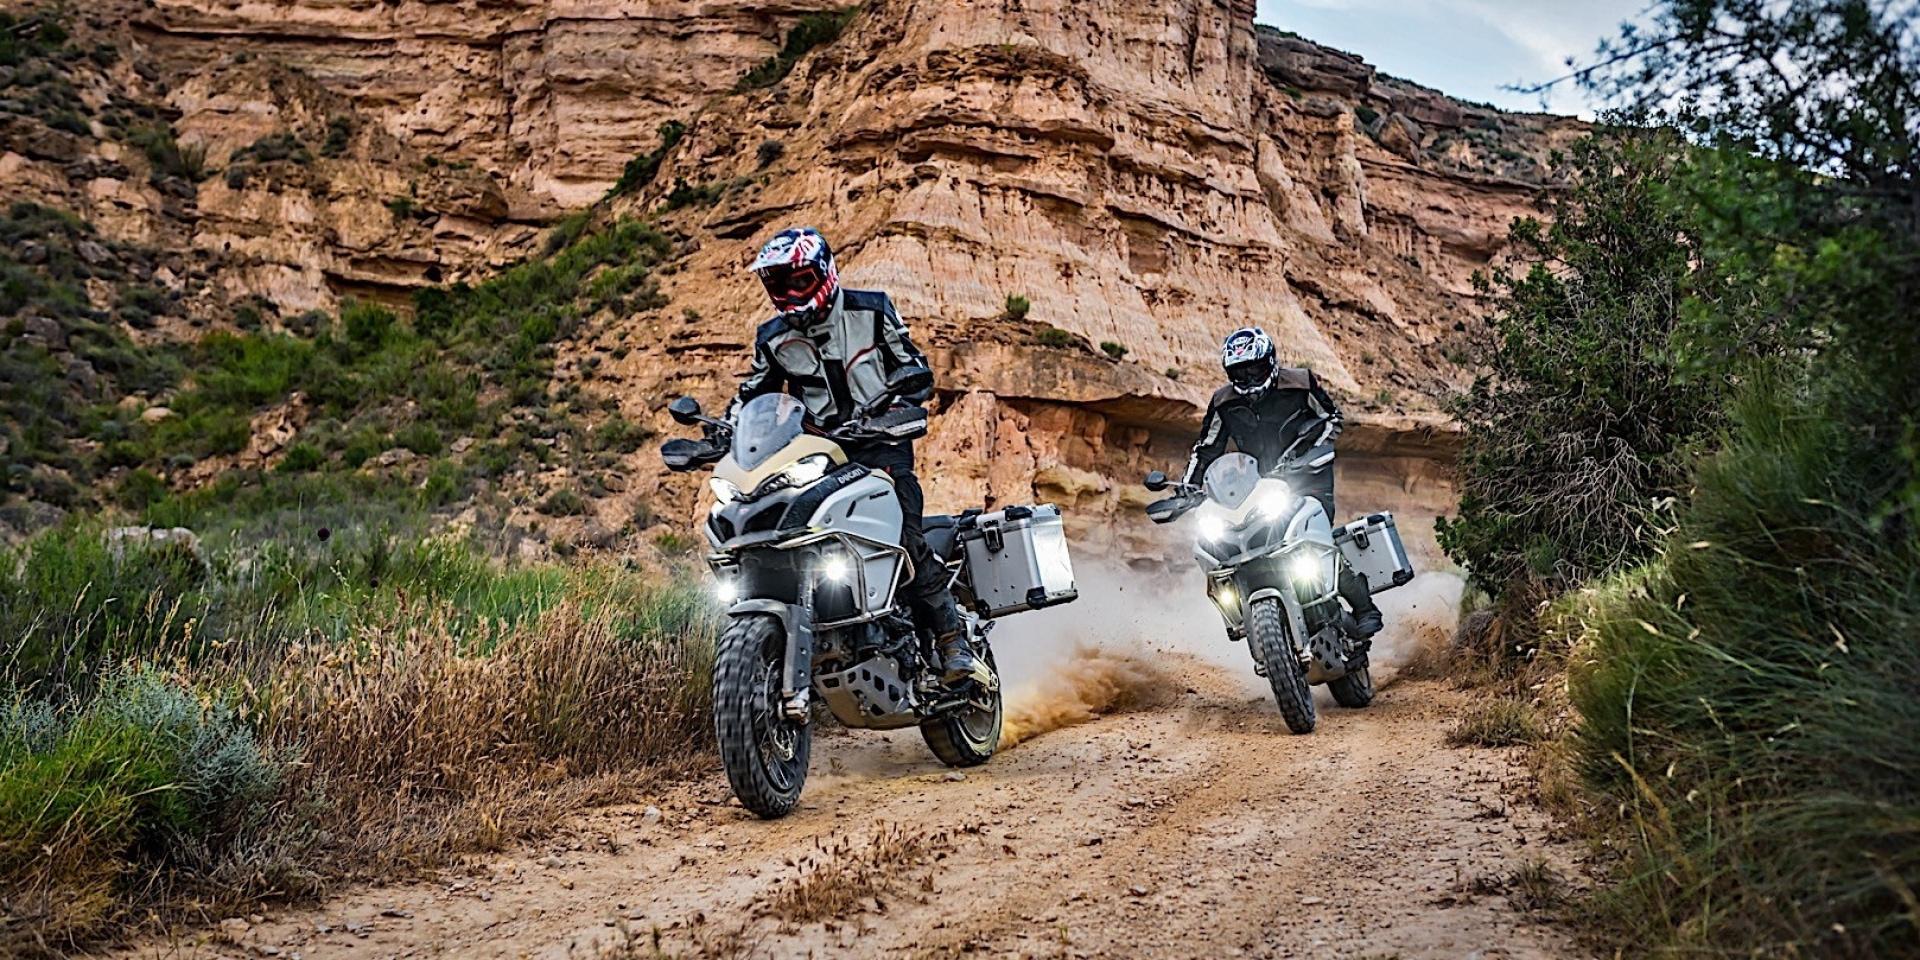 引擎更新更加強大,Ducati Multistrada將獲得加大排氣量的動力